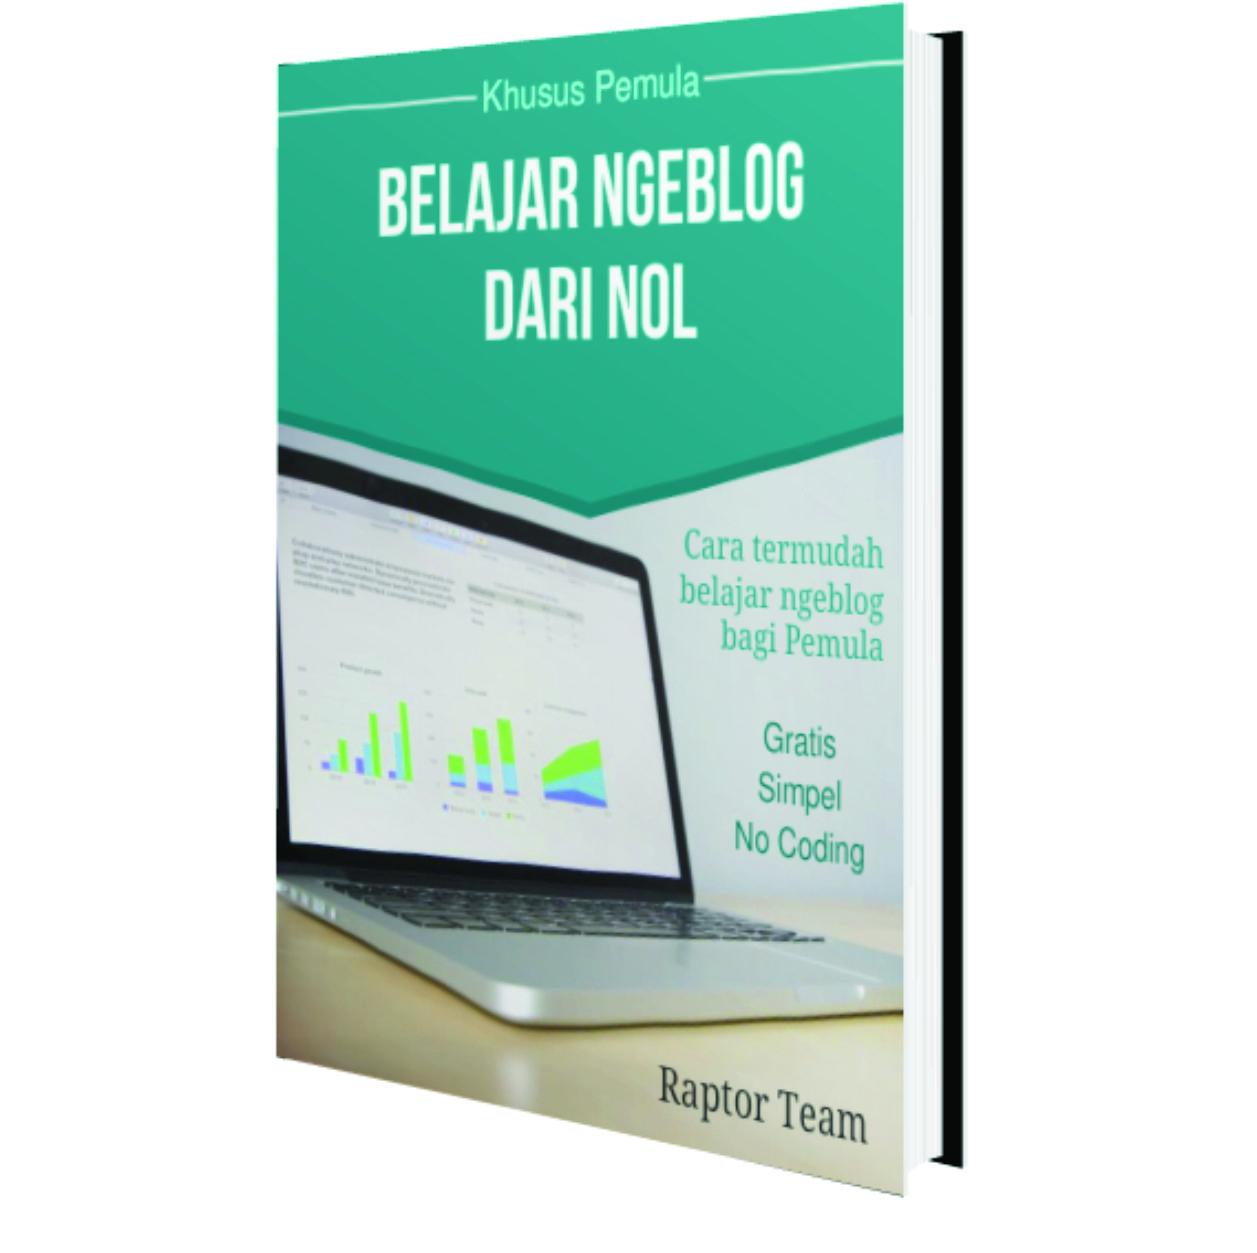 Panduan Belajar Ngeblog dari Nol